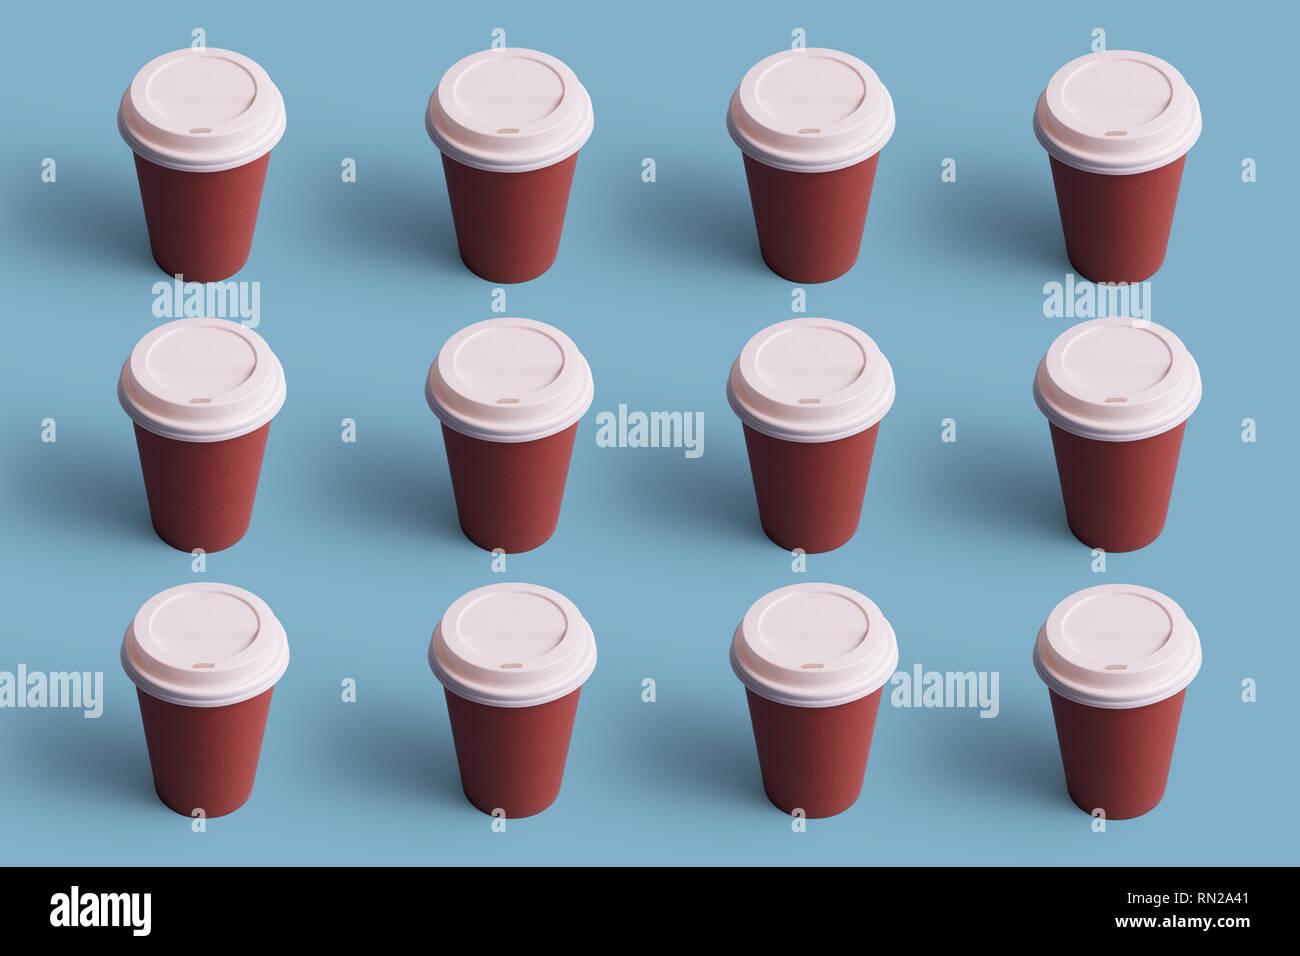 Verfügbare Kaffeetassen in einer Reihe über blauen Hintergrund organisiert Stockfoto